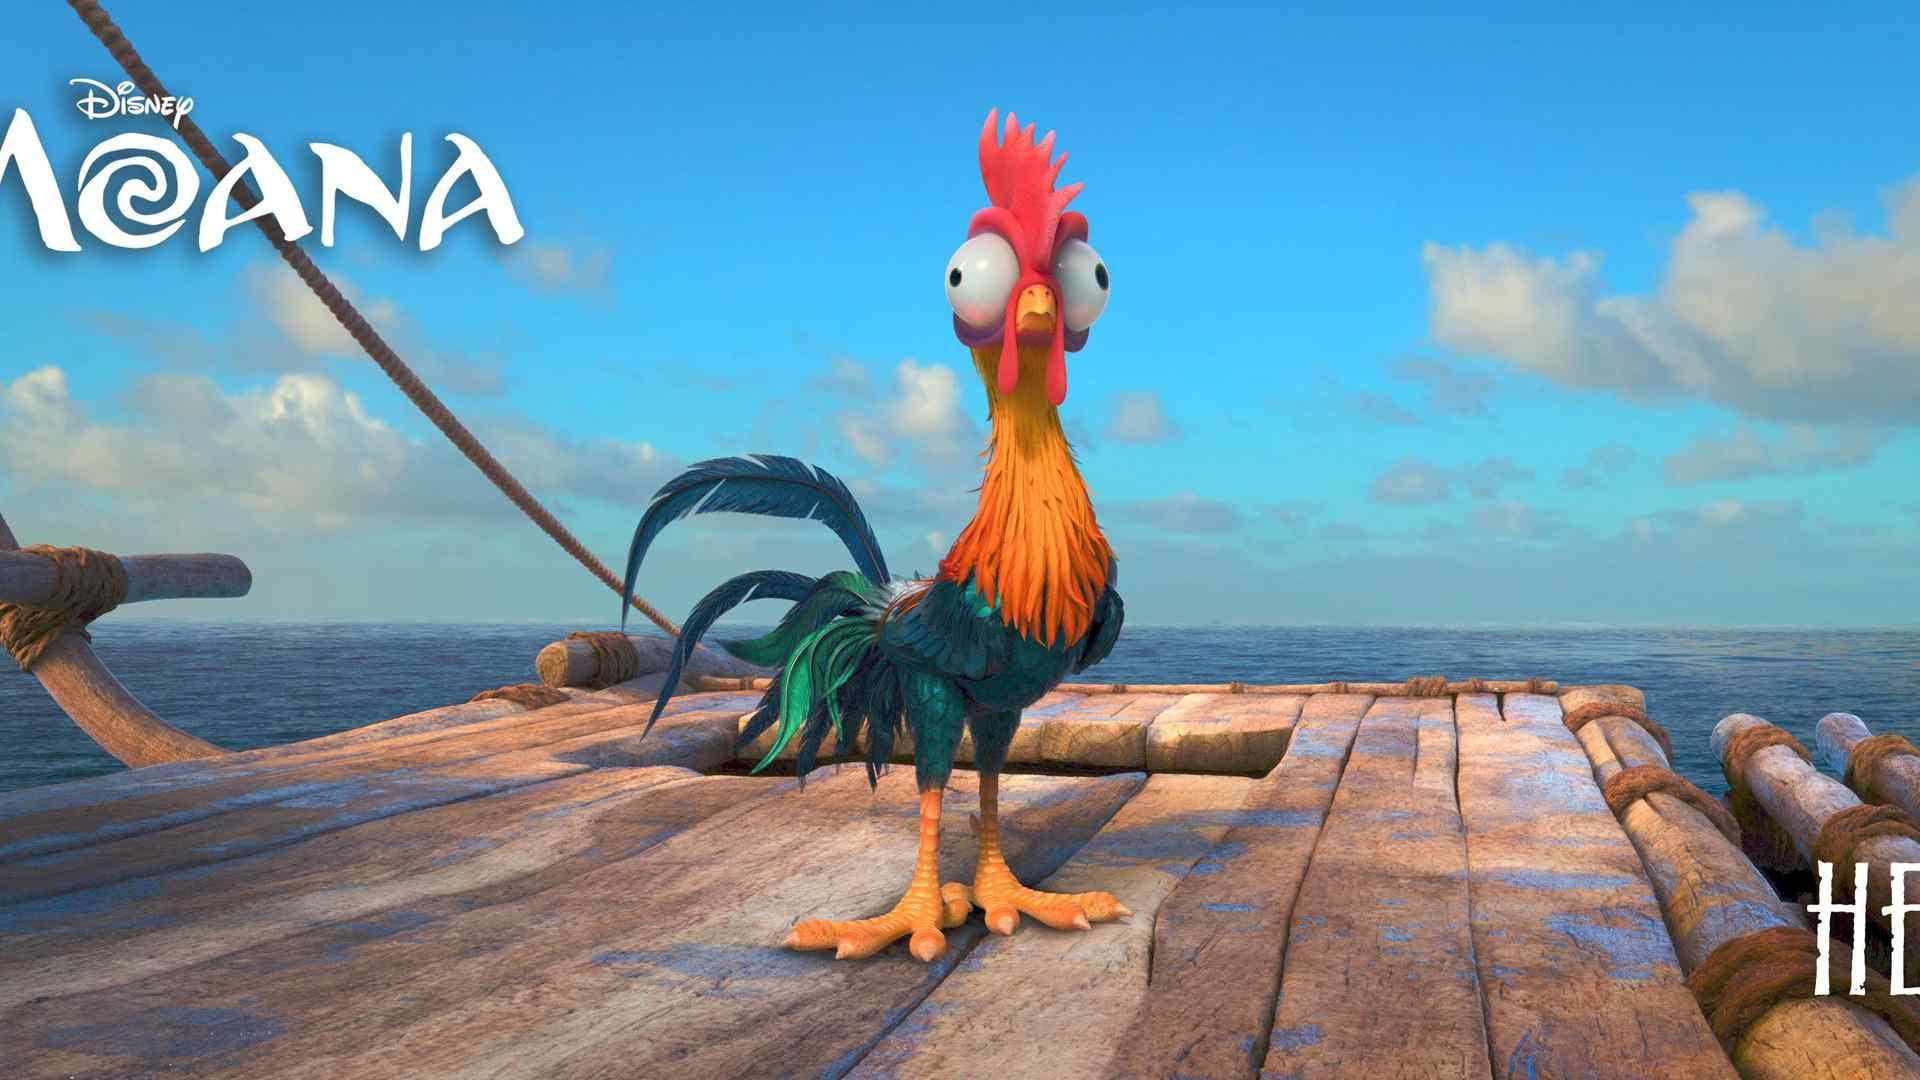 《海洋奇缘》一部由罗恩·克莱蒙兹和约翰·马斯克执导的迪士尼动画电影,讲述了16岁的酋长女儿为完成祖先未尽的冒险,与曾拥有神力的半神Maui踏上航海征途的故事。迪斯尼动画电影《海洋奇缘》高清桌面壁纸是桌面天下的小编为你推荐的,喜欢的朋友可以到桌面天下网来下载。桌面天下为你推荐最新、最好看的壁纸,欢迎你的关注。